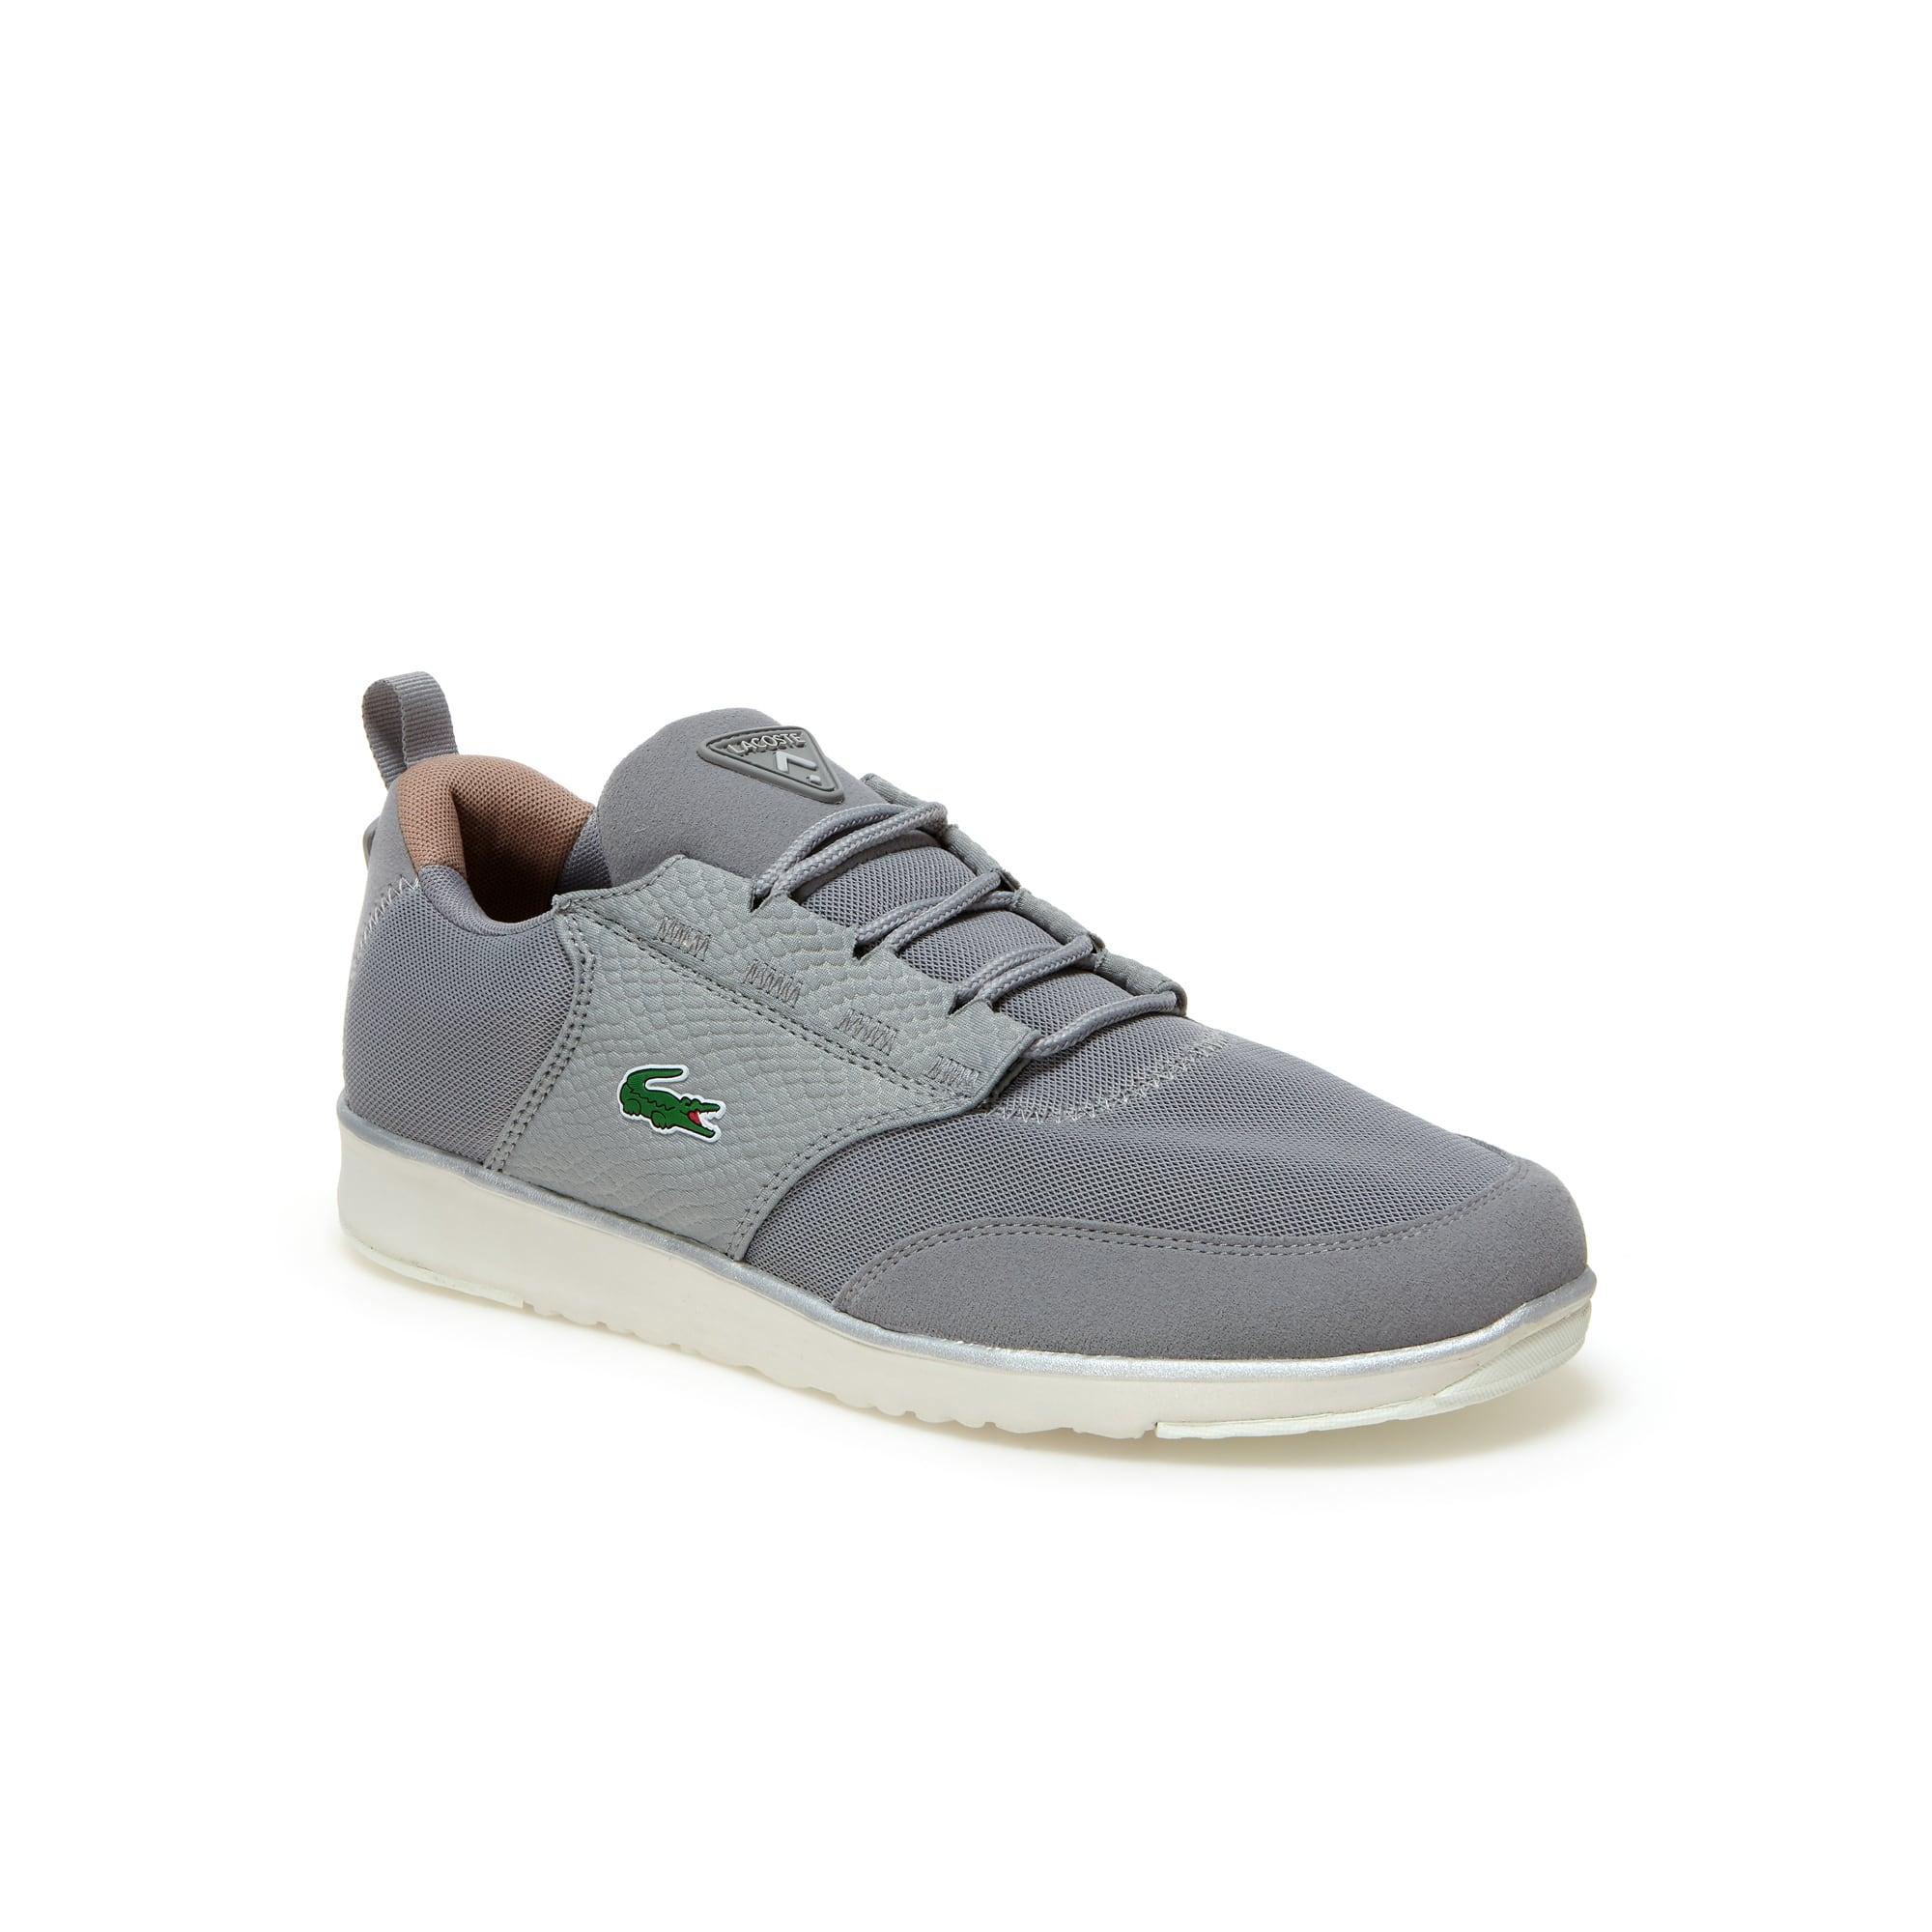 Zapatillas Hombre L.Ight 118 1